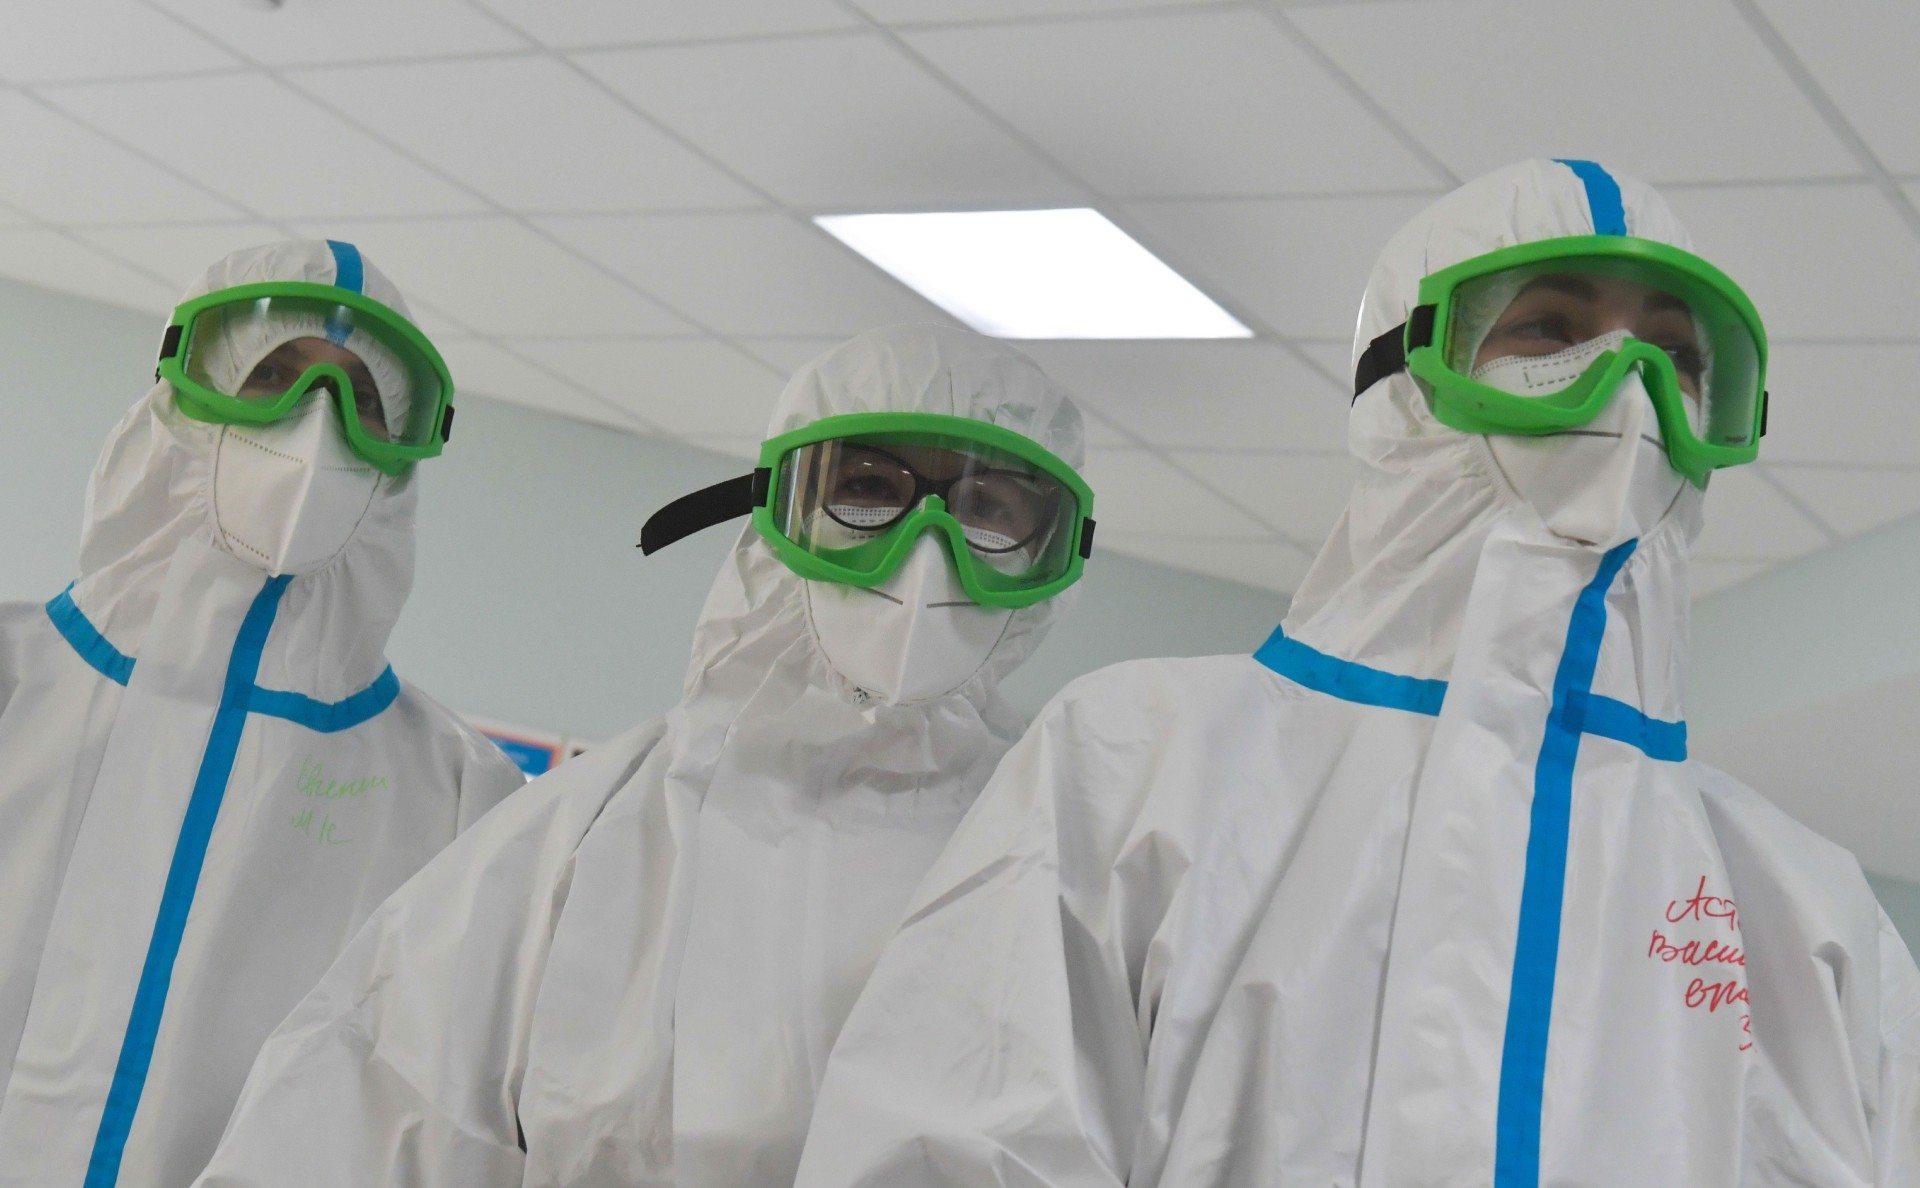 Больницам Херсонщины передадут 6 тысяч защитных комбинезонов